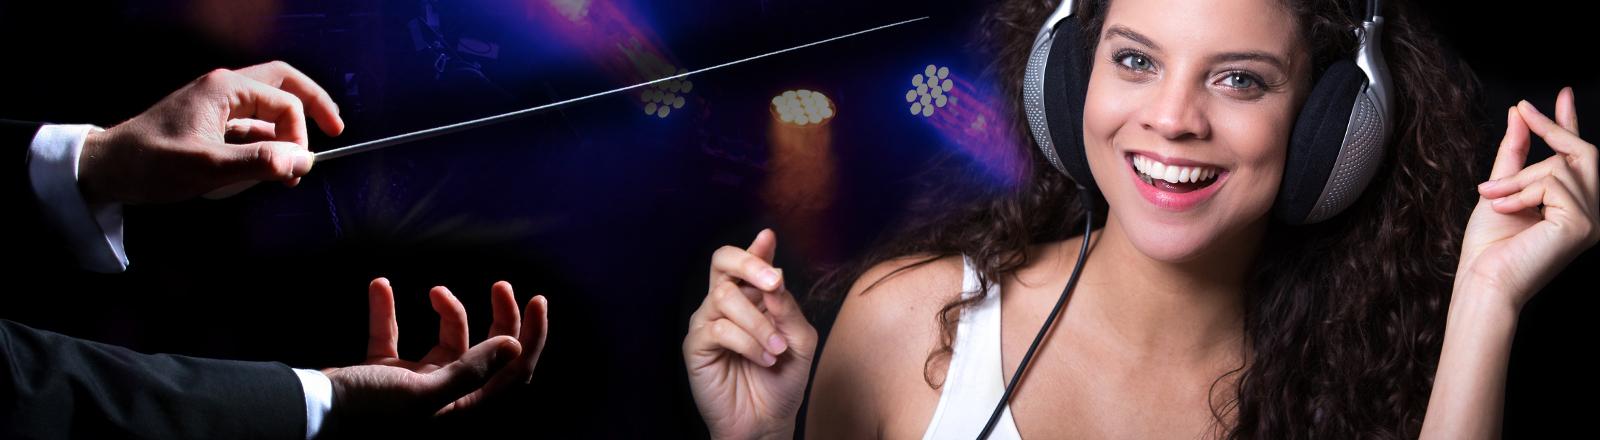 Ein Dirigent und eine Musik hörende Frau.